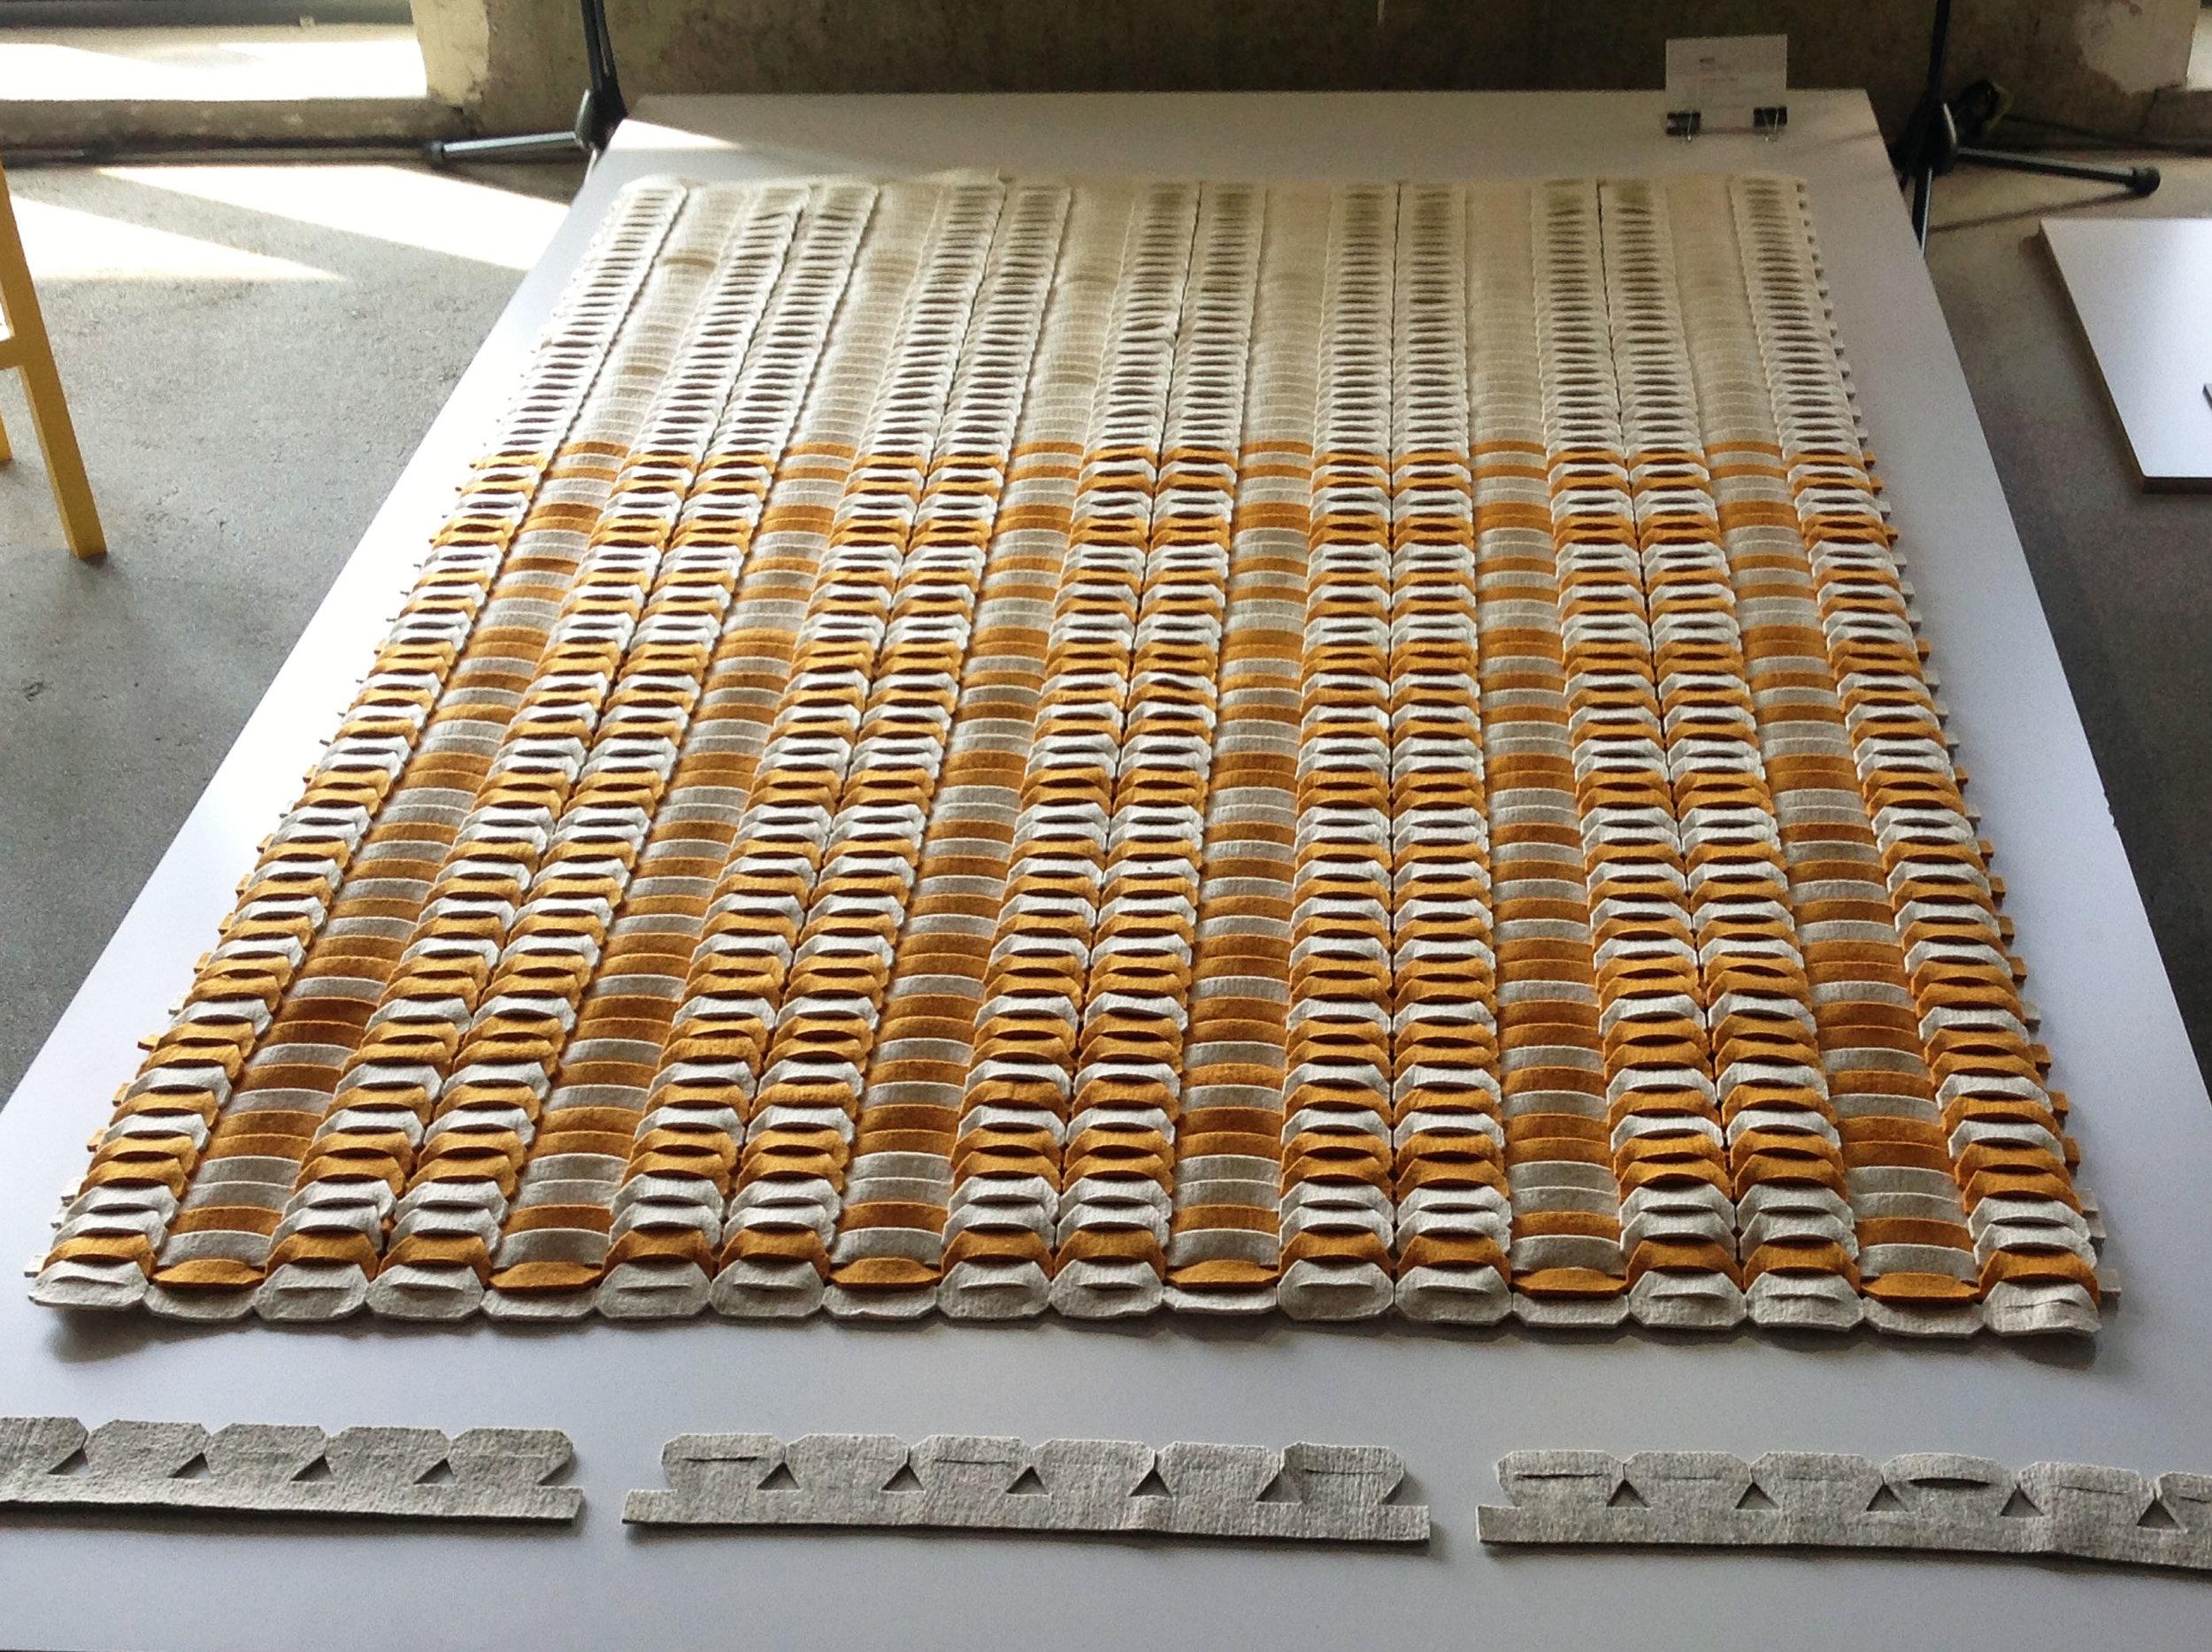 moly - Tervező: Zachar VikiGyártó: Multifelt Factory Kft.Méret: 150 cm x 300 cm – variálható elemekTechnika: egyedi technikaAnyaghasználat: 3mm-es idea gyapjú filc